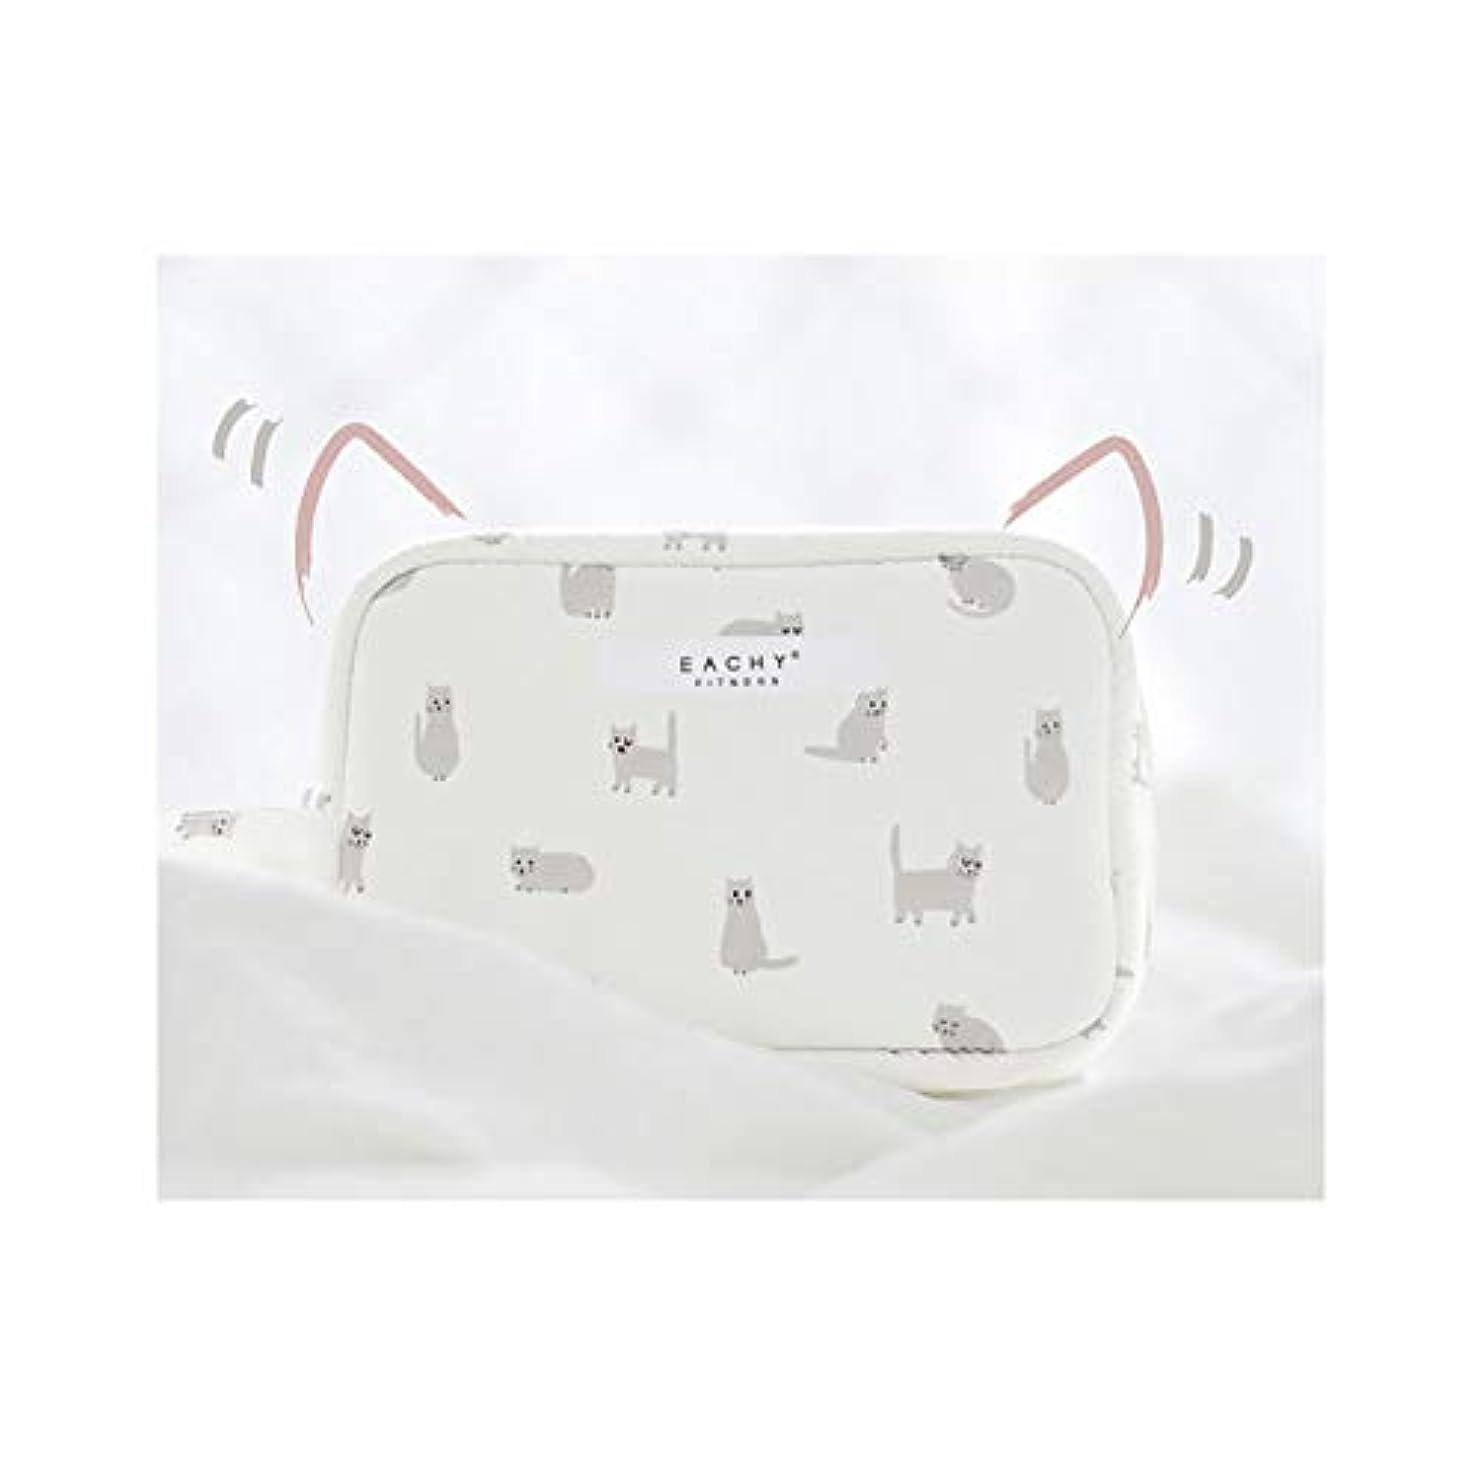 旧正月赤字トラクターNEOVIVA 化粧ポーチ コスメポーチ メイク収納バッグ かわいい 軽量 防水 旅行小物ポーチ 猫 ホワイト S